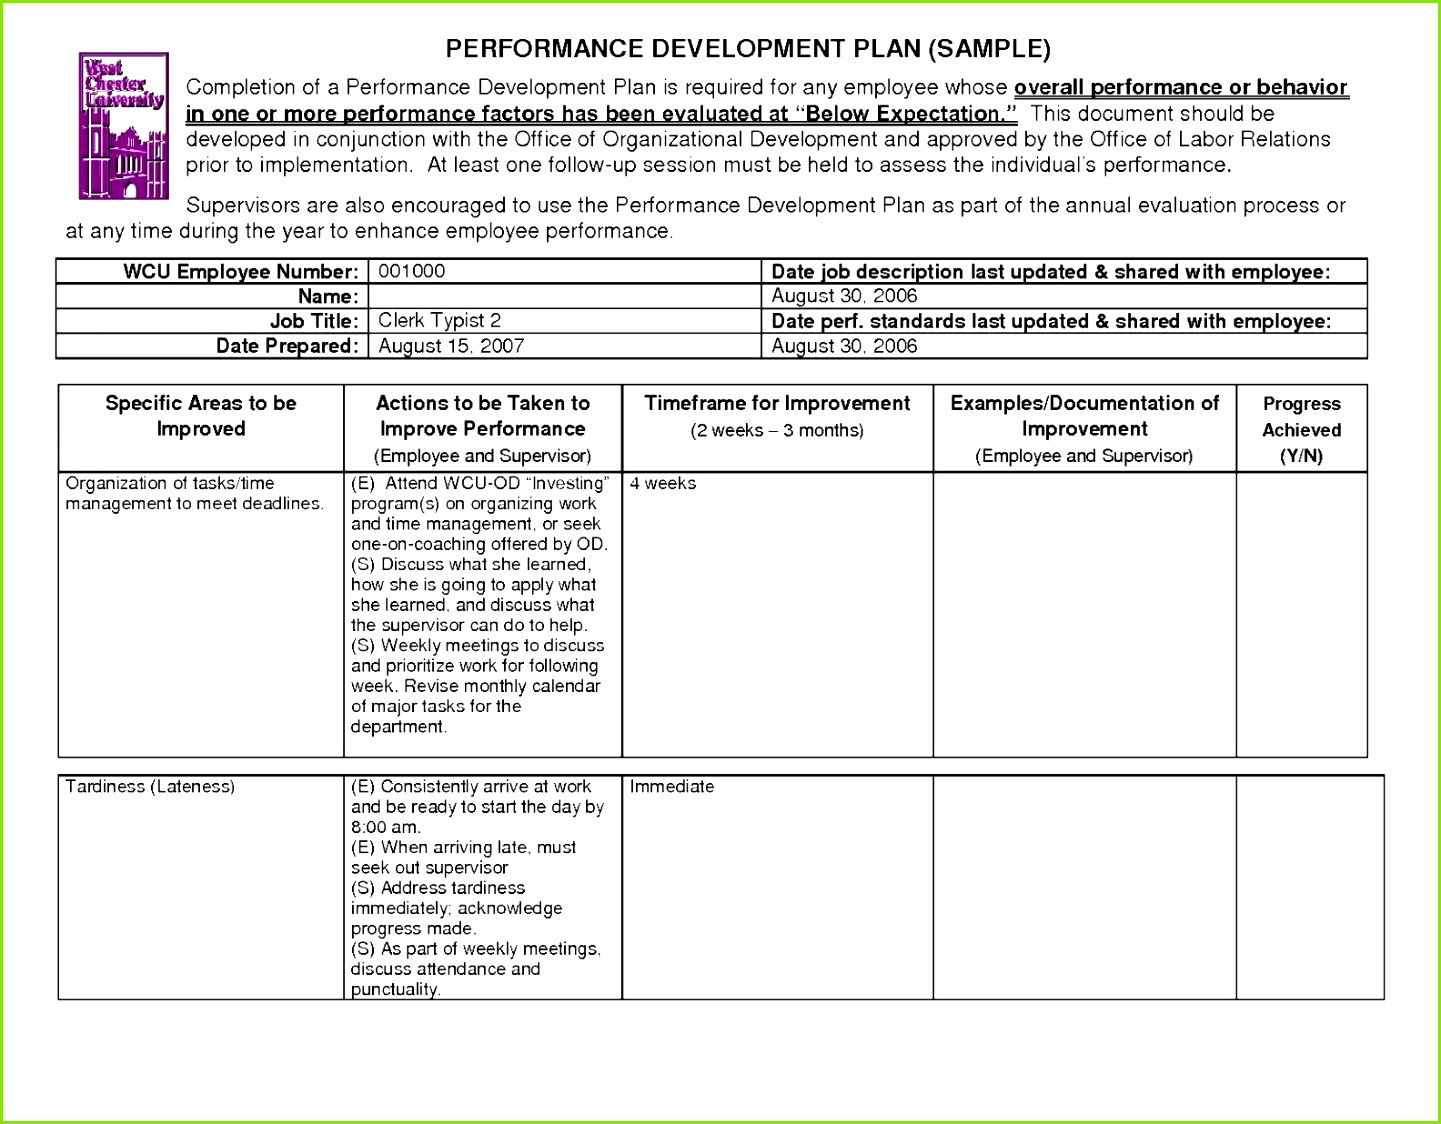 Veranstaltung Planen Checkliste Excel Elegant 60 Das Beste Aus Design Bud planer Hochzeit Excel